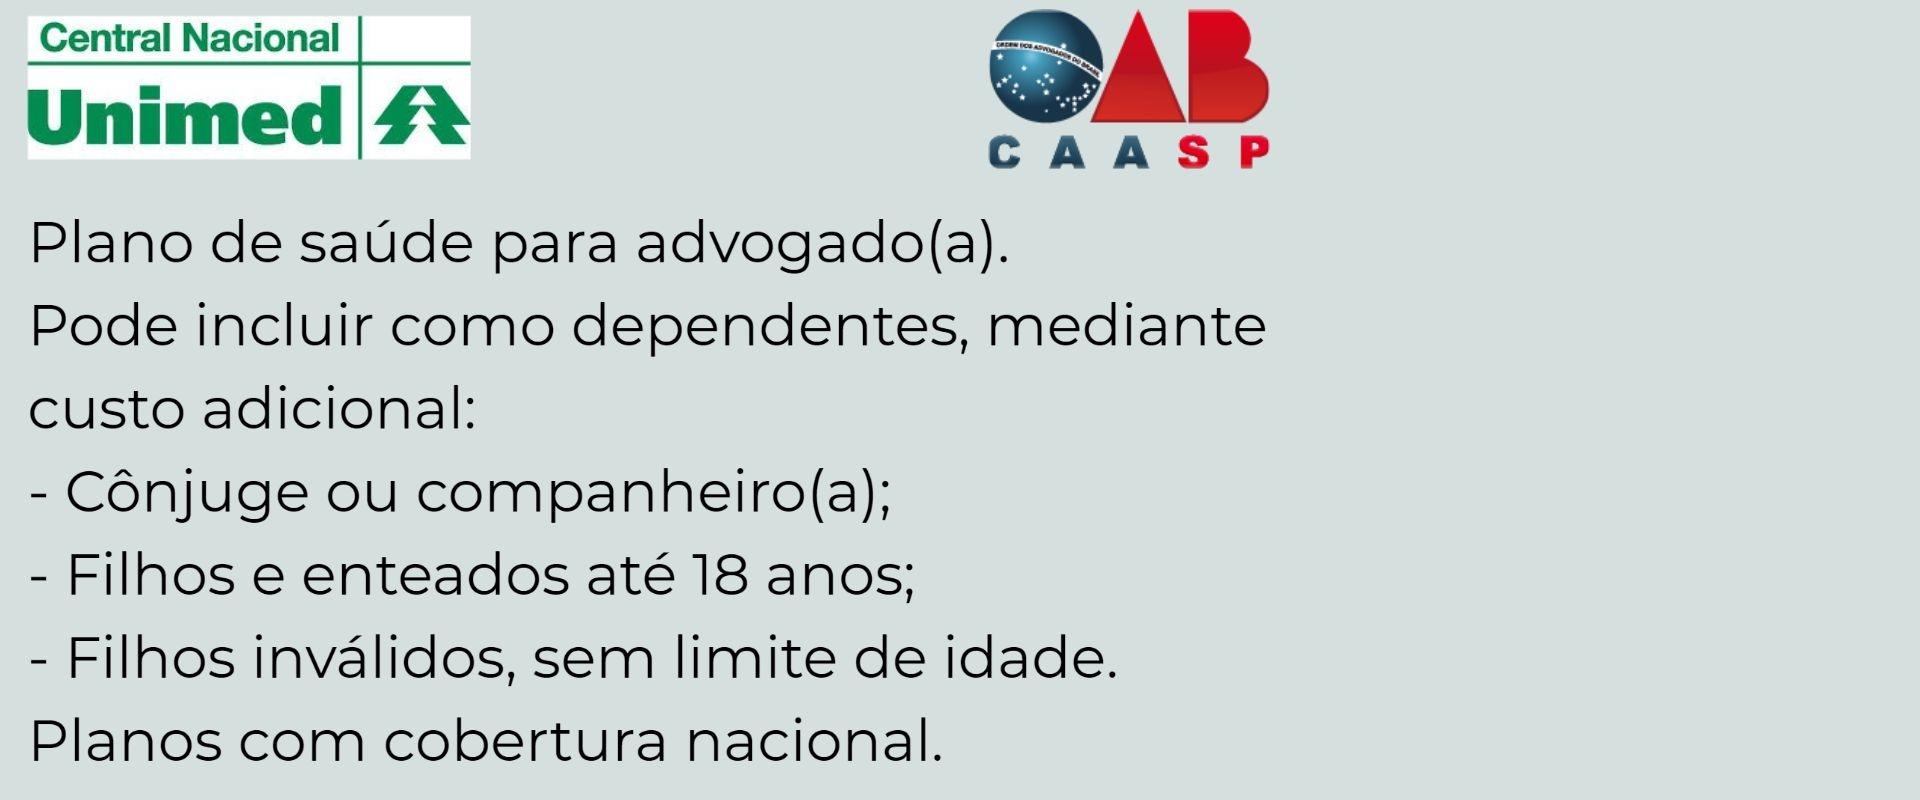 Unimed CAASP Poá